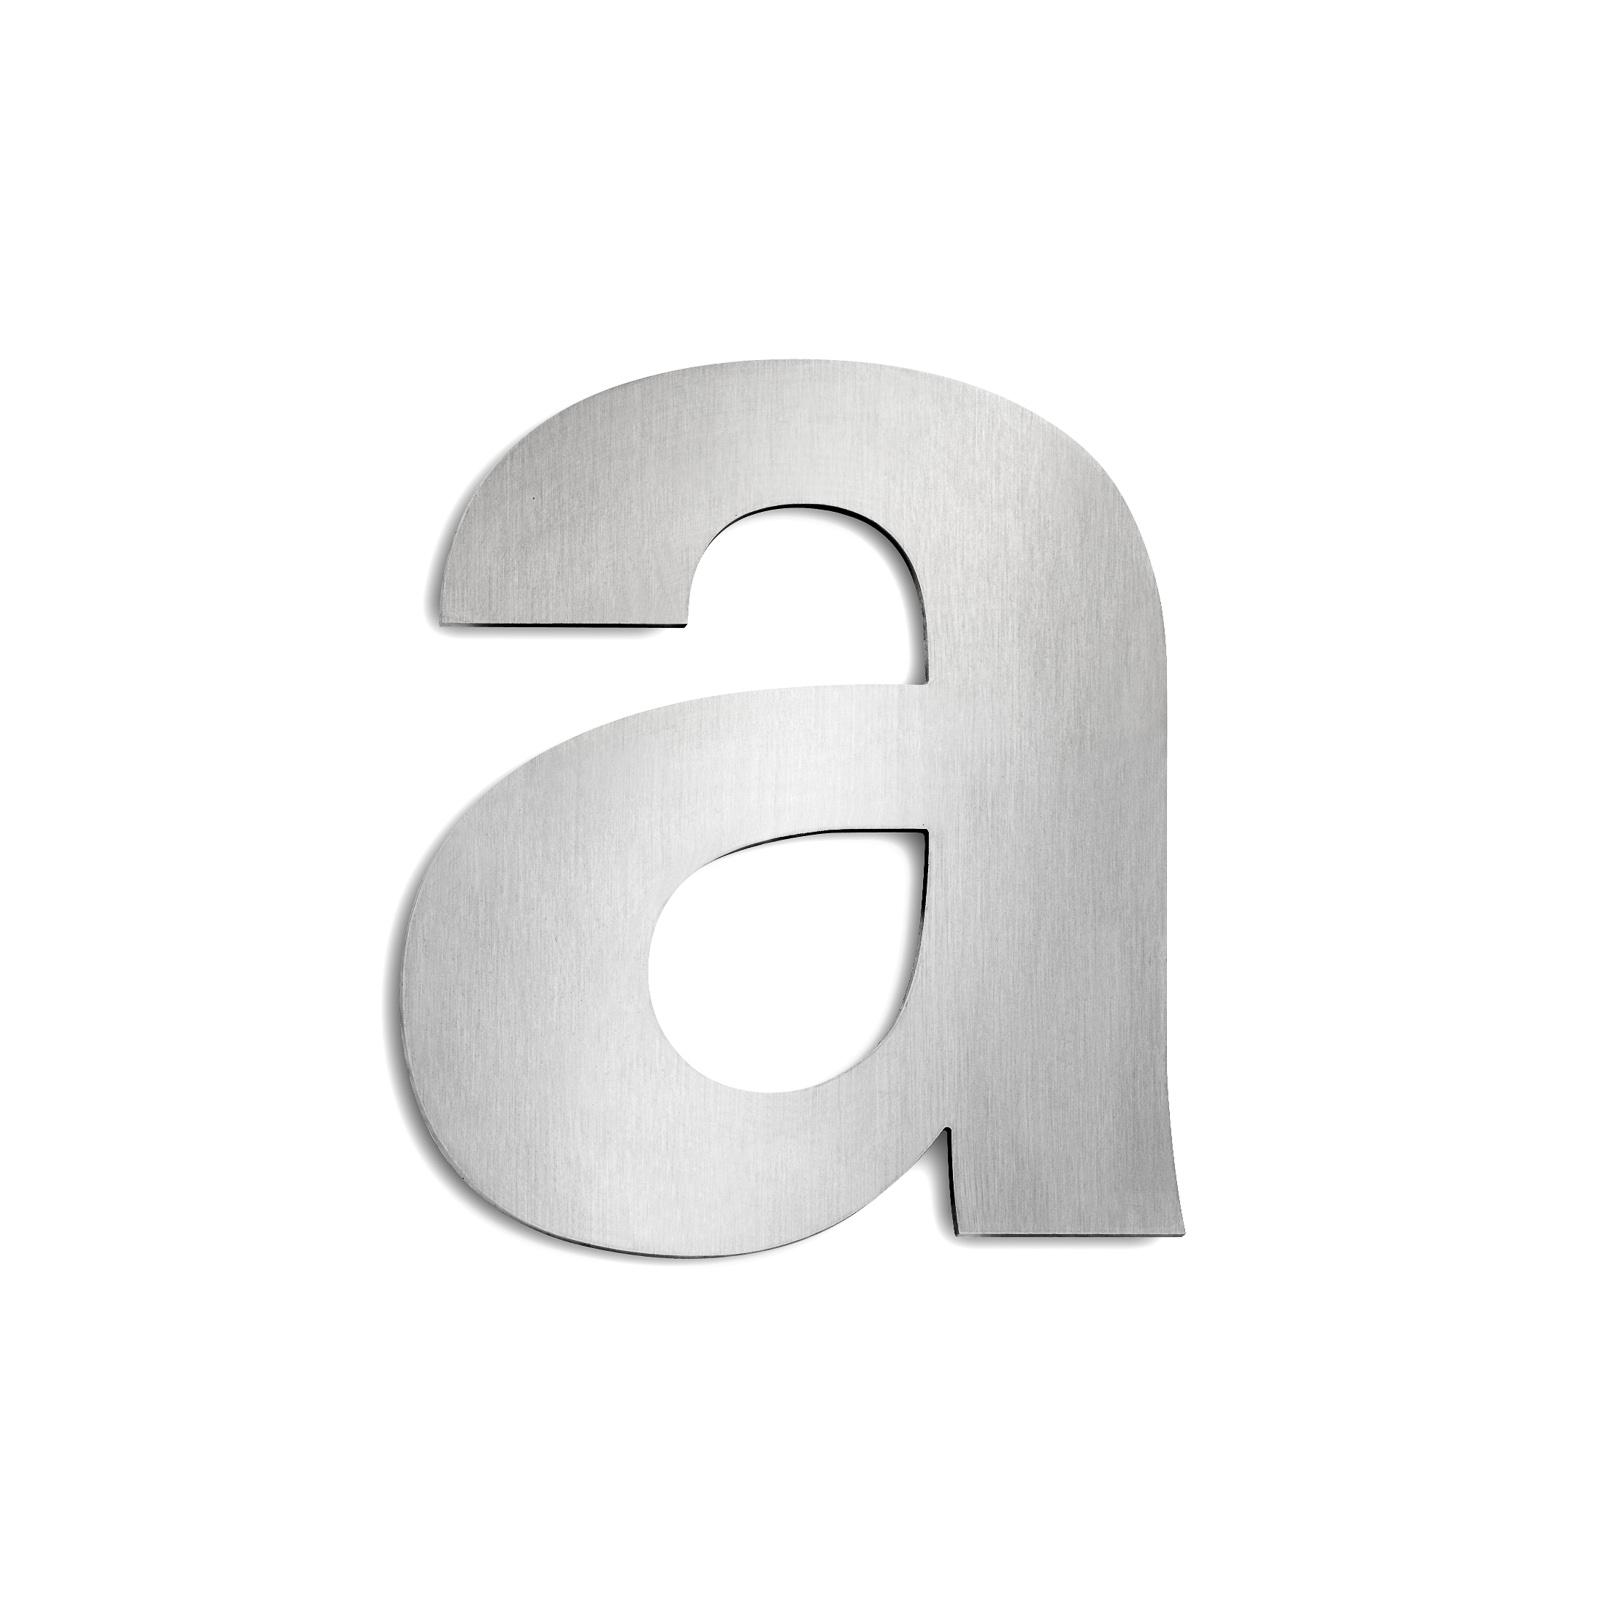 Rvs-huisnummer - de letters a tot en met c